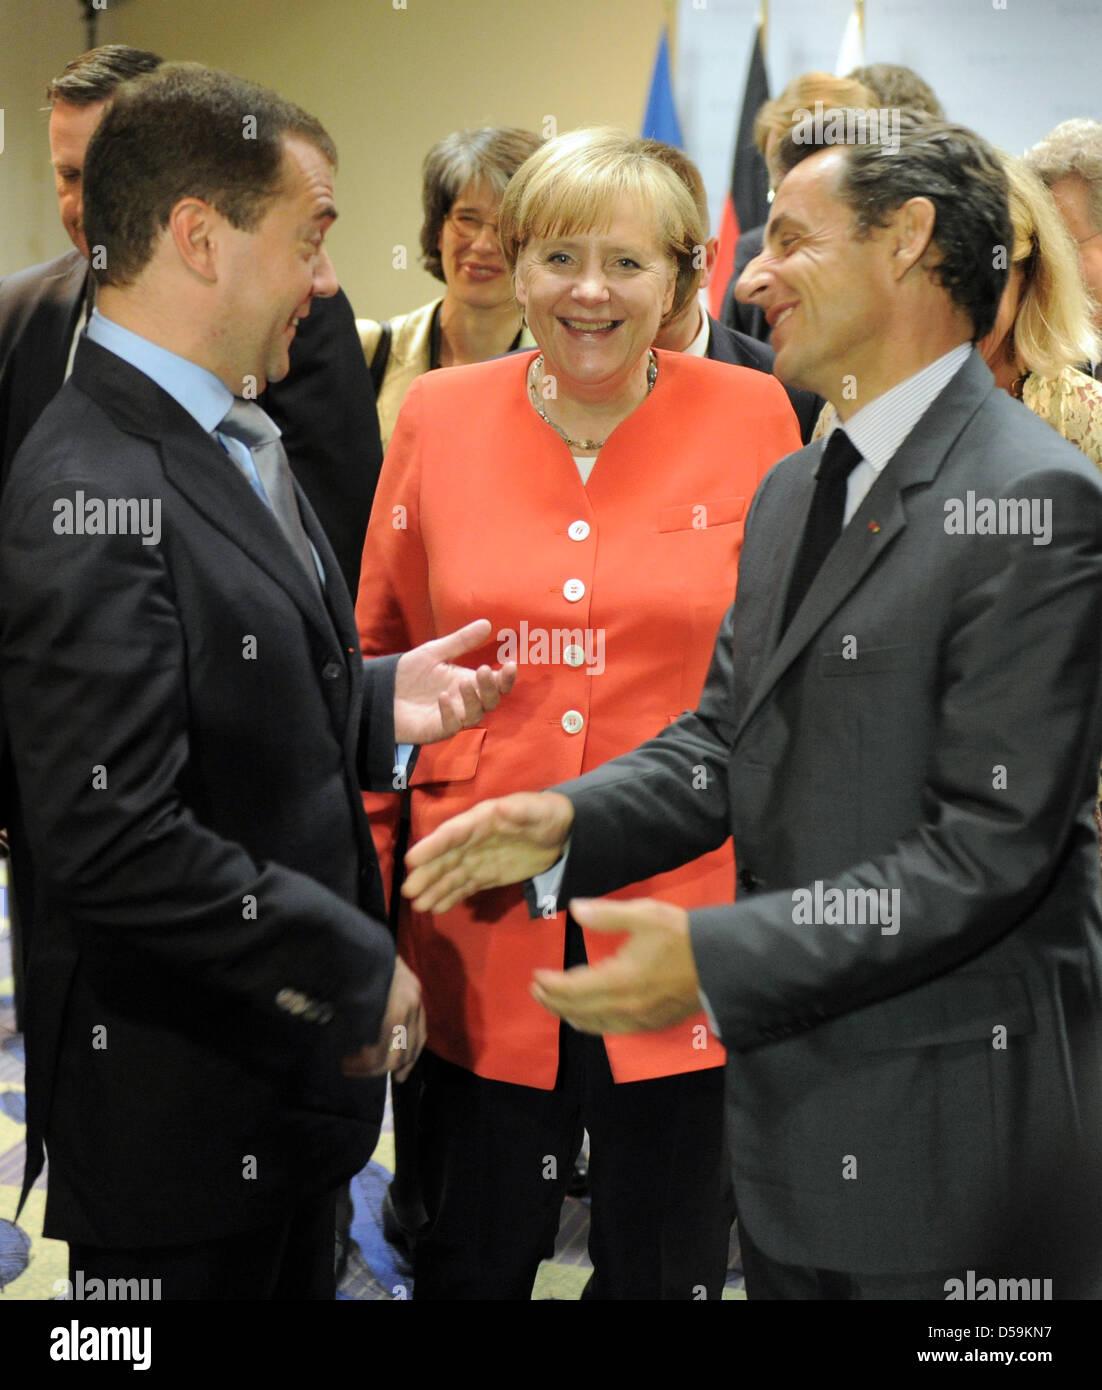 Der russische Präsident Dmitri Medwedew, Bundeskanzlerin Angela Merkel und der französische Präsident - Stock Image